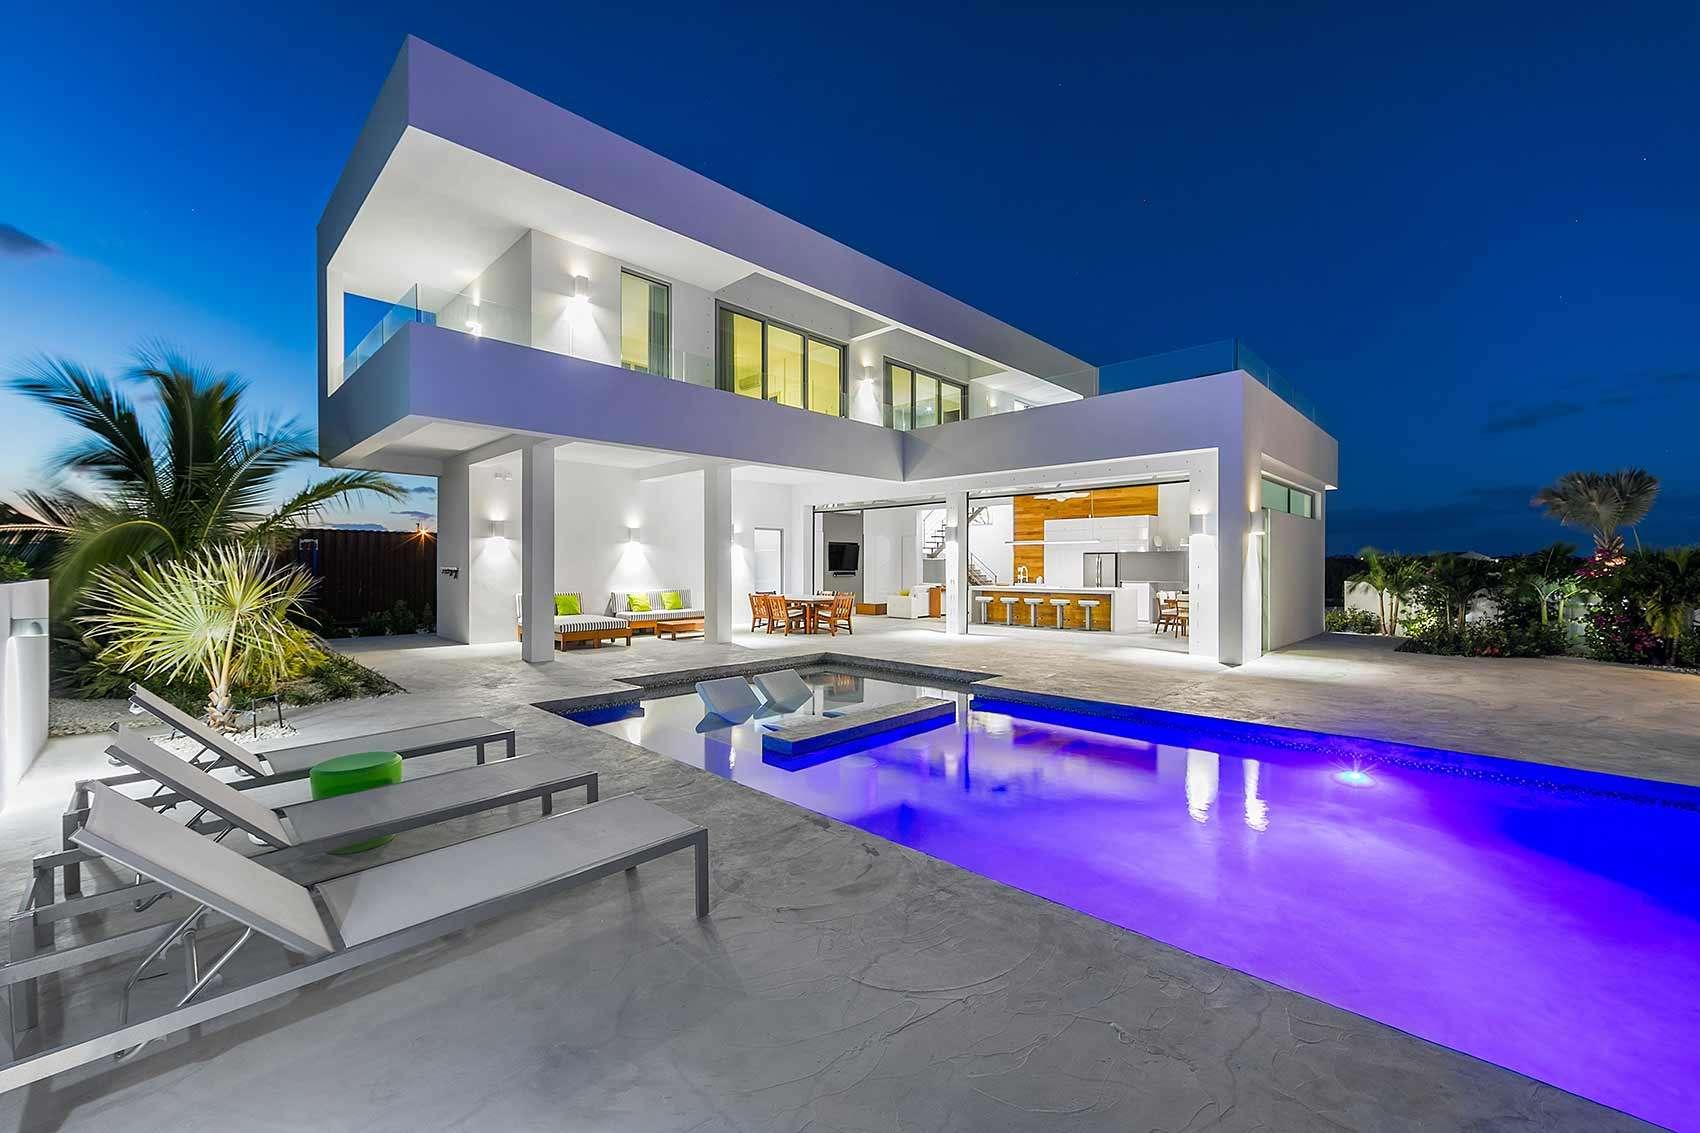 Luxury villa rentals caribbean - Turks and caicos - Providenciales - Long bay - White Villa 2 - Image 1/13